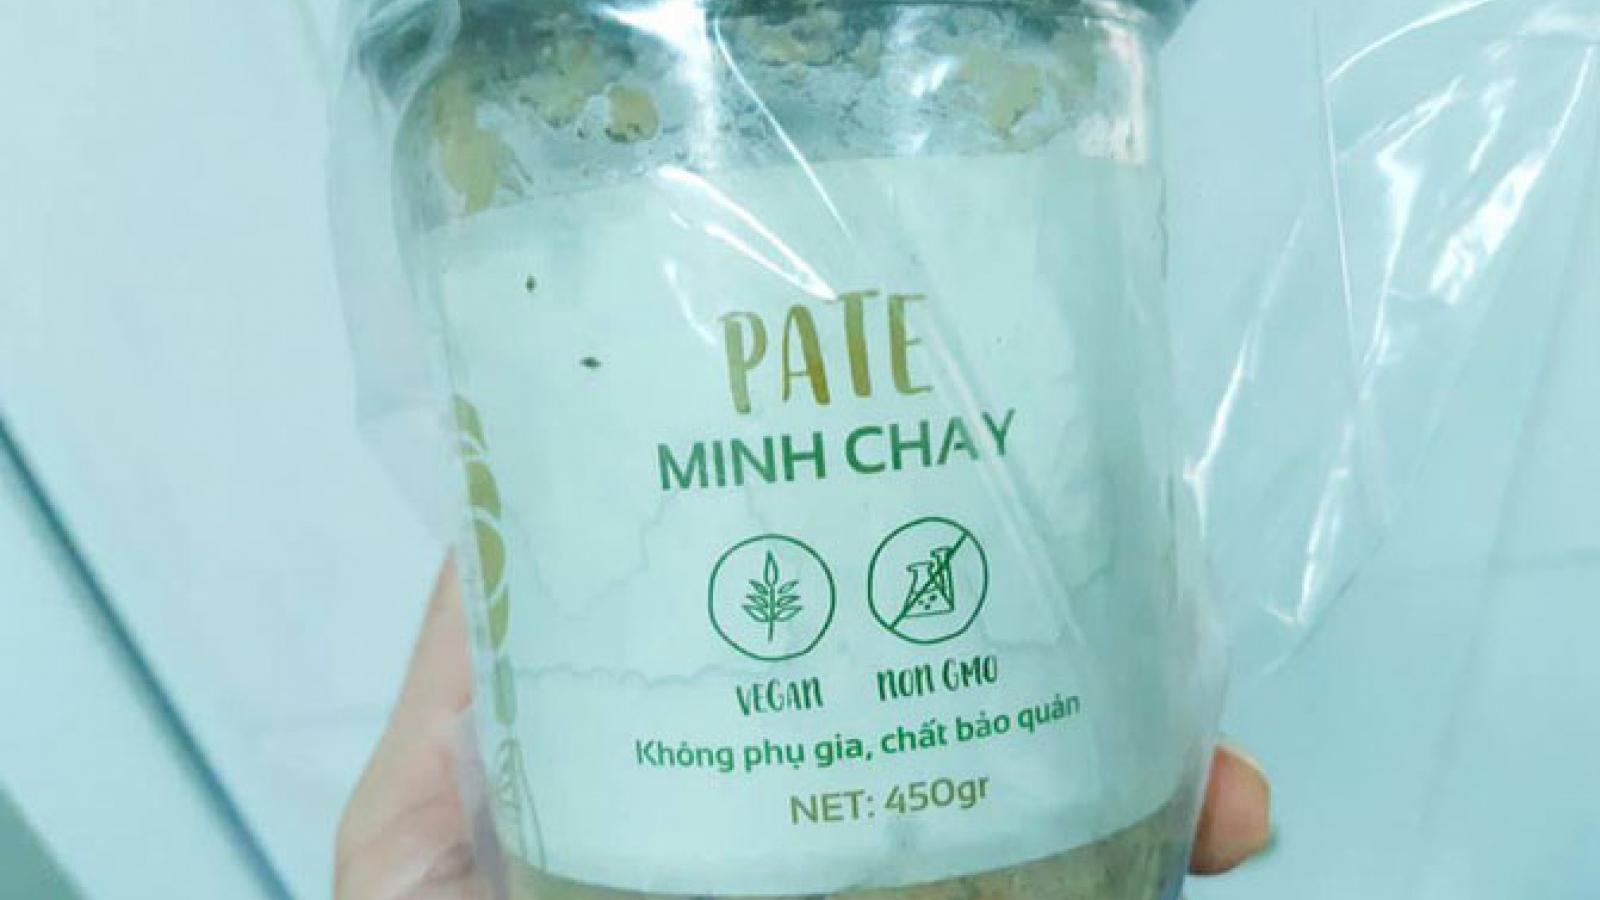 Một sư cô ở Quảng Nam bị ngộ độc sau khi ăn pate Minh Chay